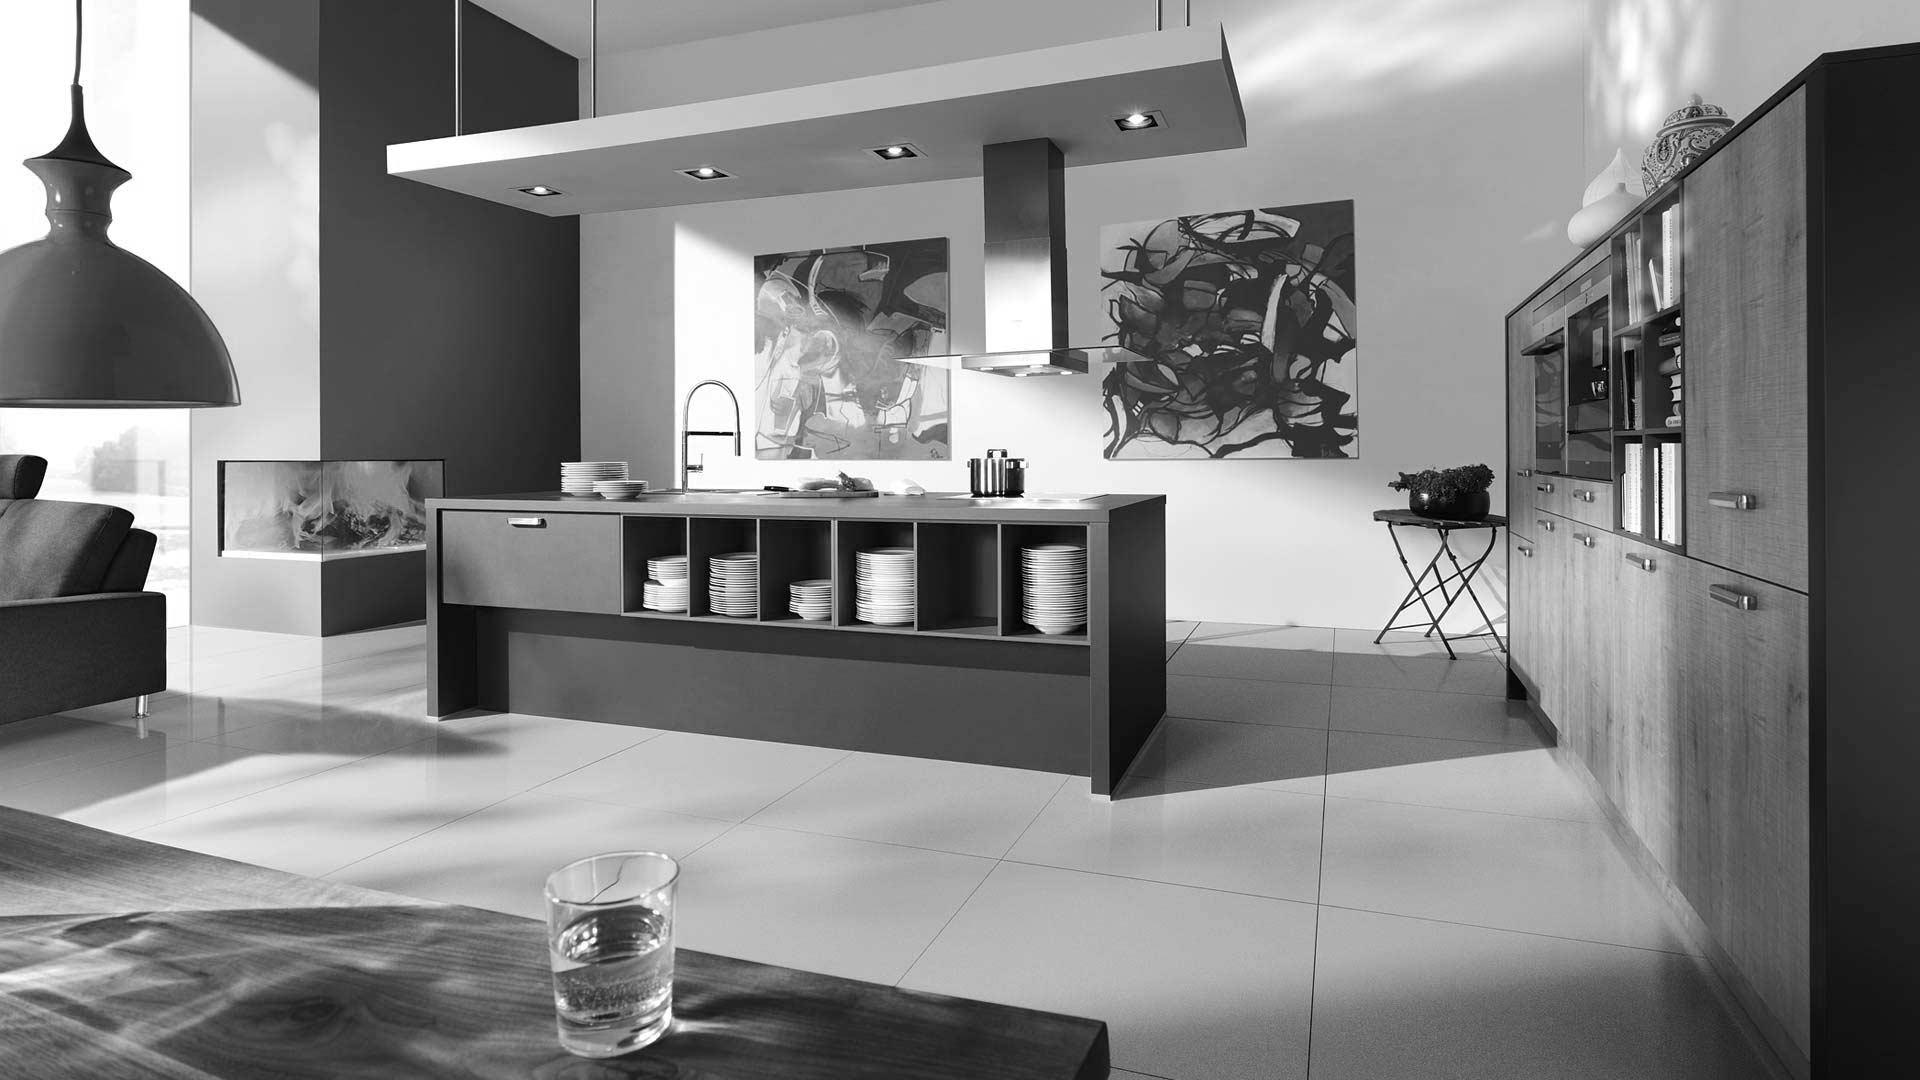 Küchen Straubing designerküchen in mallersdorf landshut straubing dingolfing